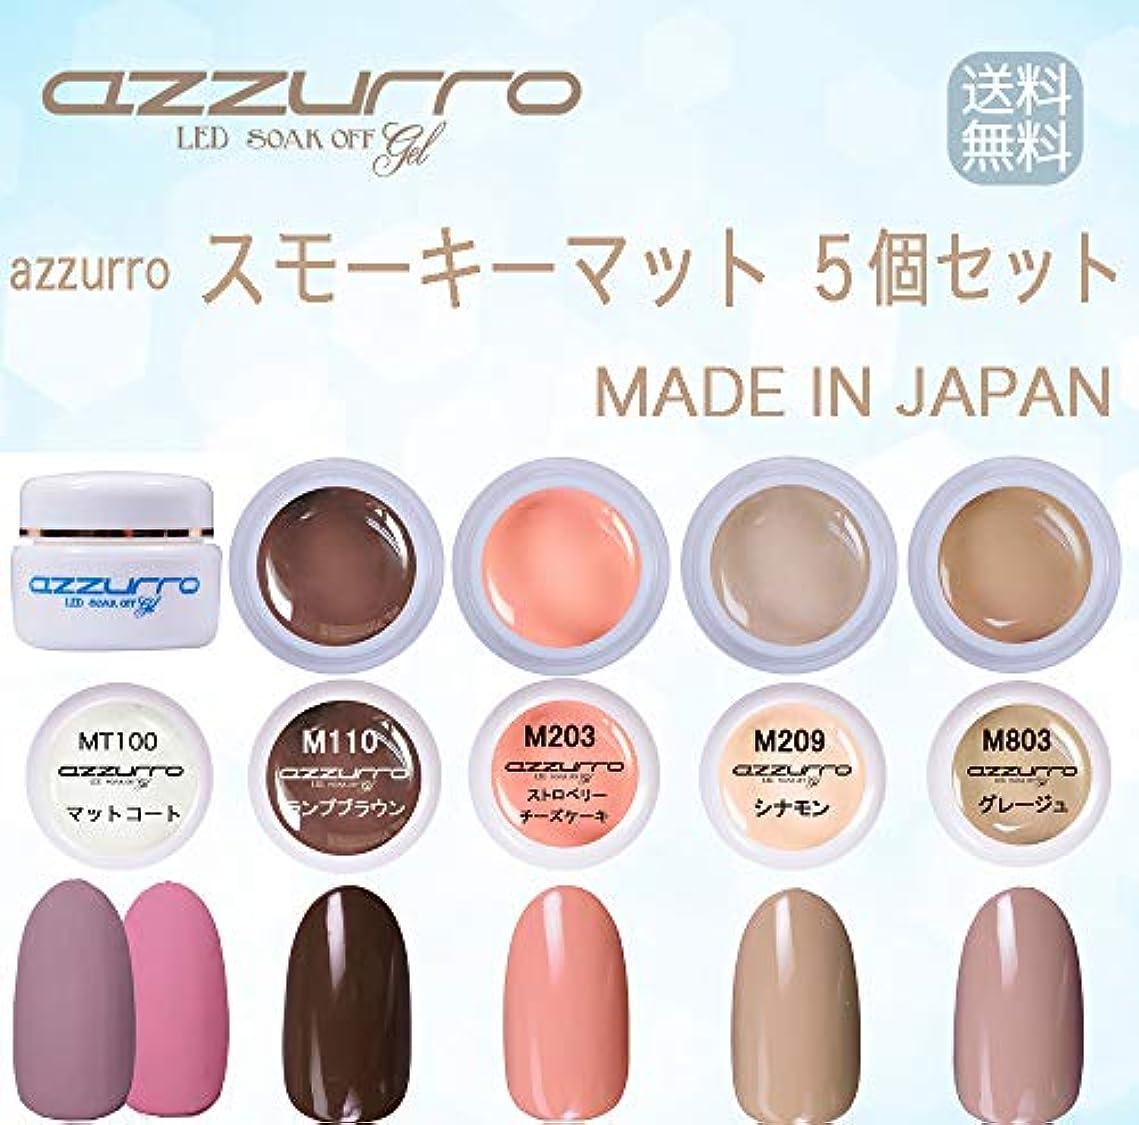 キャンセル建物軽蔑【送料無料】日本製 azzurro gel スモーキーマットカラージェル5個セット トレンドネイルのマストアイテムのマットトップ